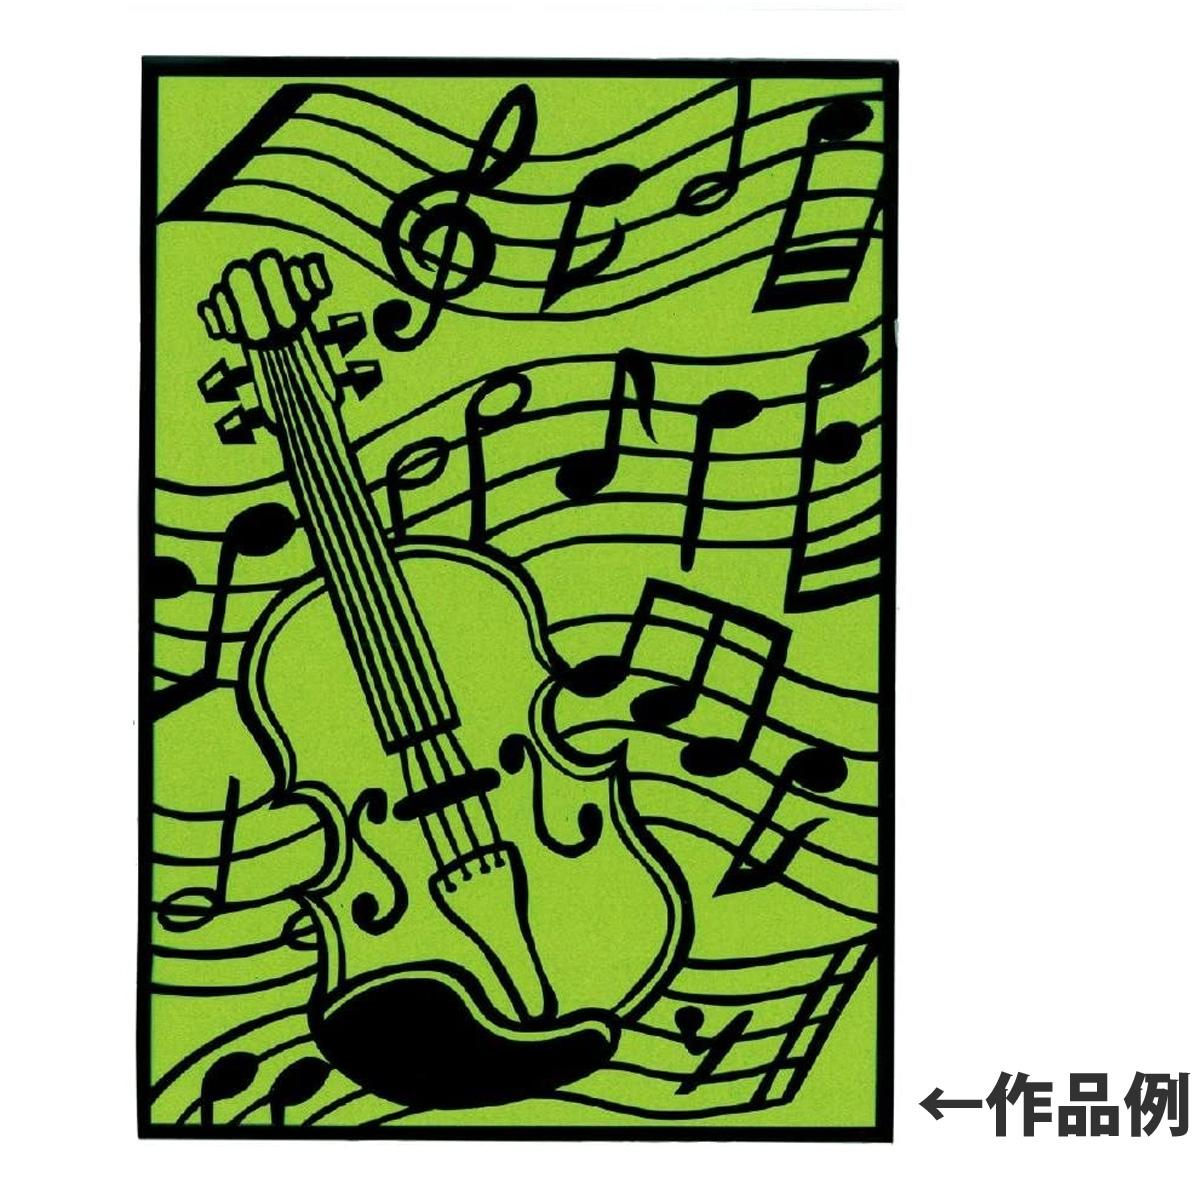 新きりえ 透明 150x150mm 切り絵 工作 図工 美術 キッズ 小学生 学校 画材 ホビー